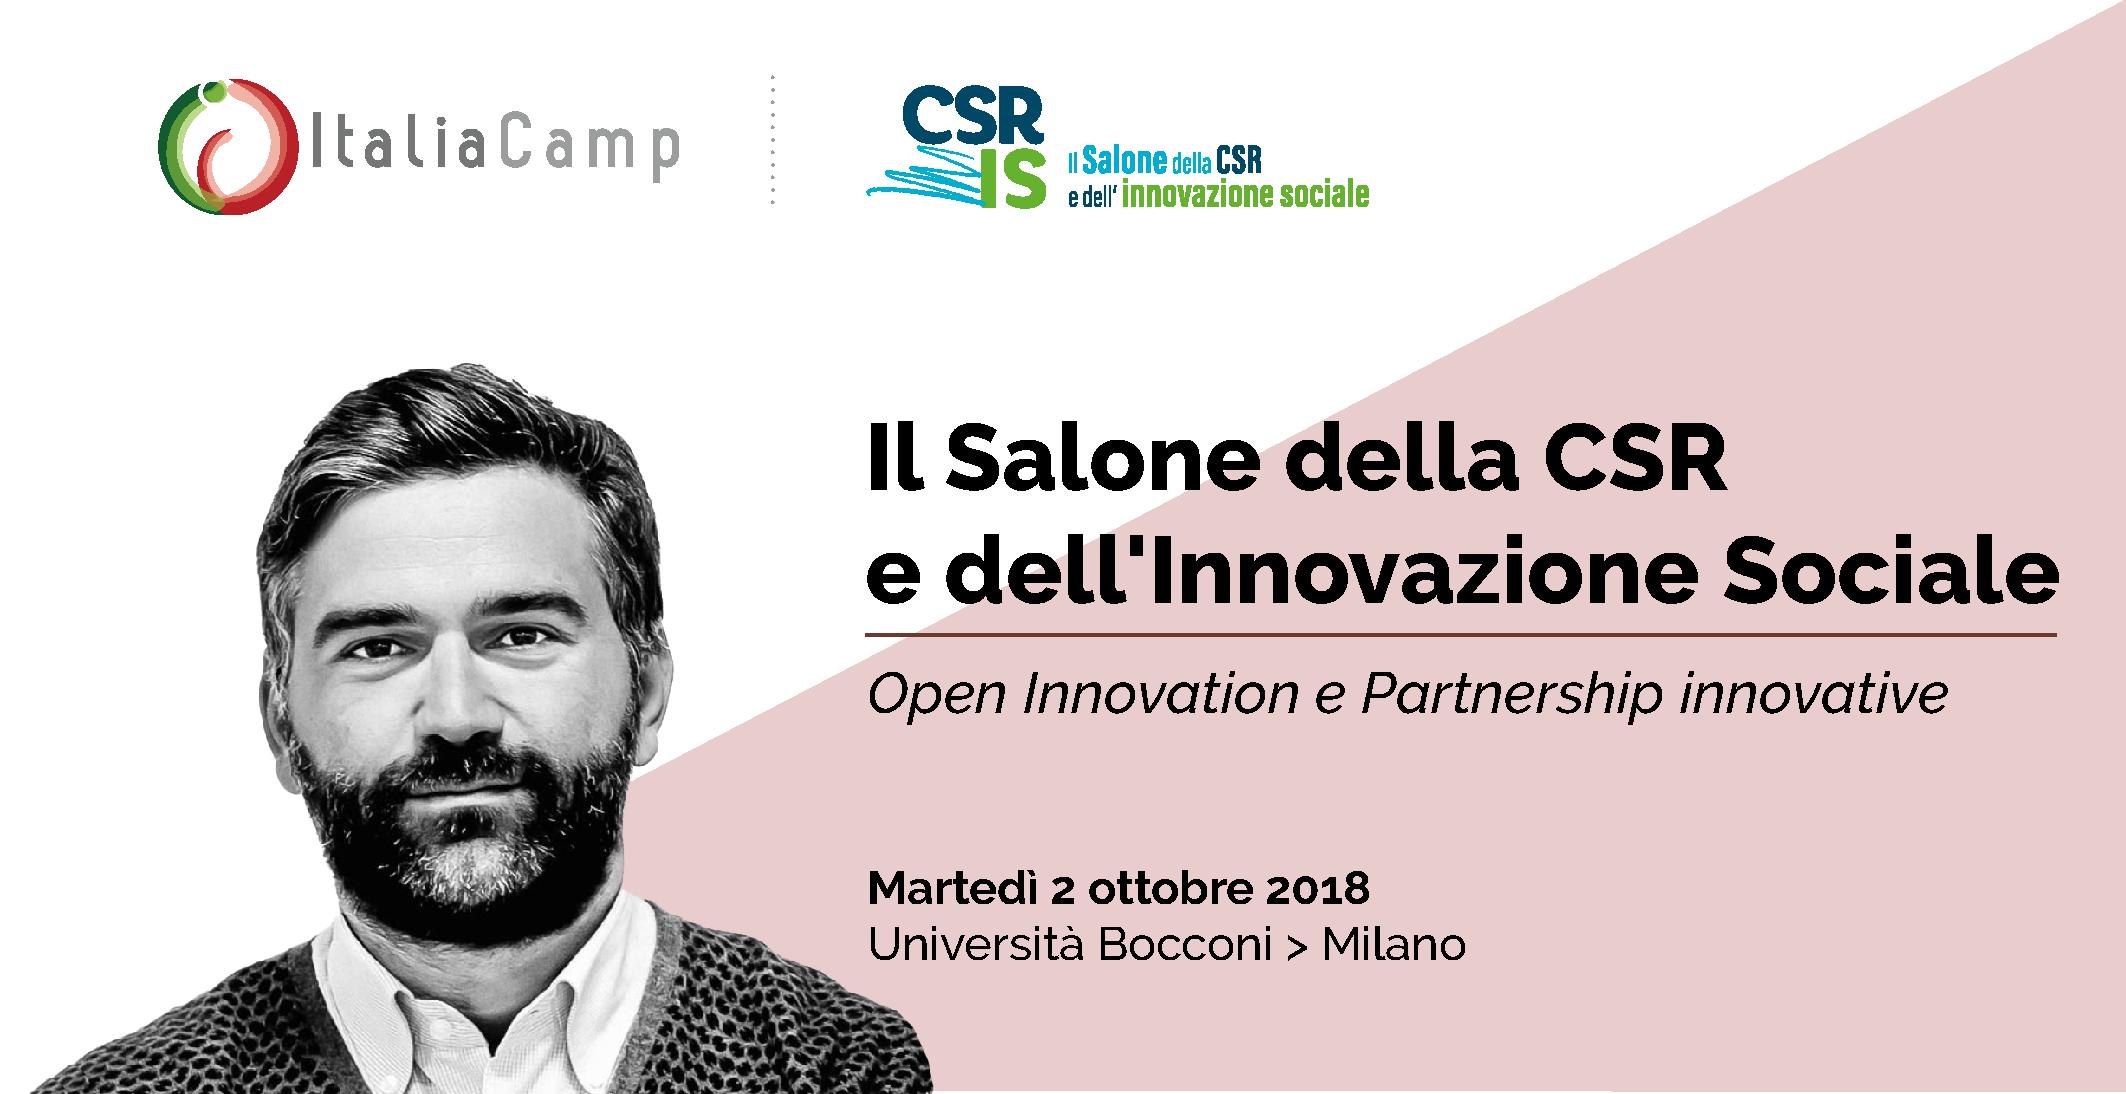 ItaliaCamp Salone della CSR e dell'Innovazione Sociale